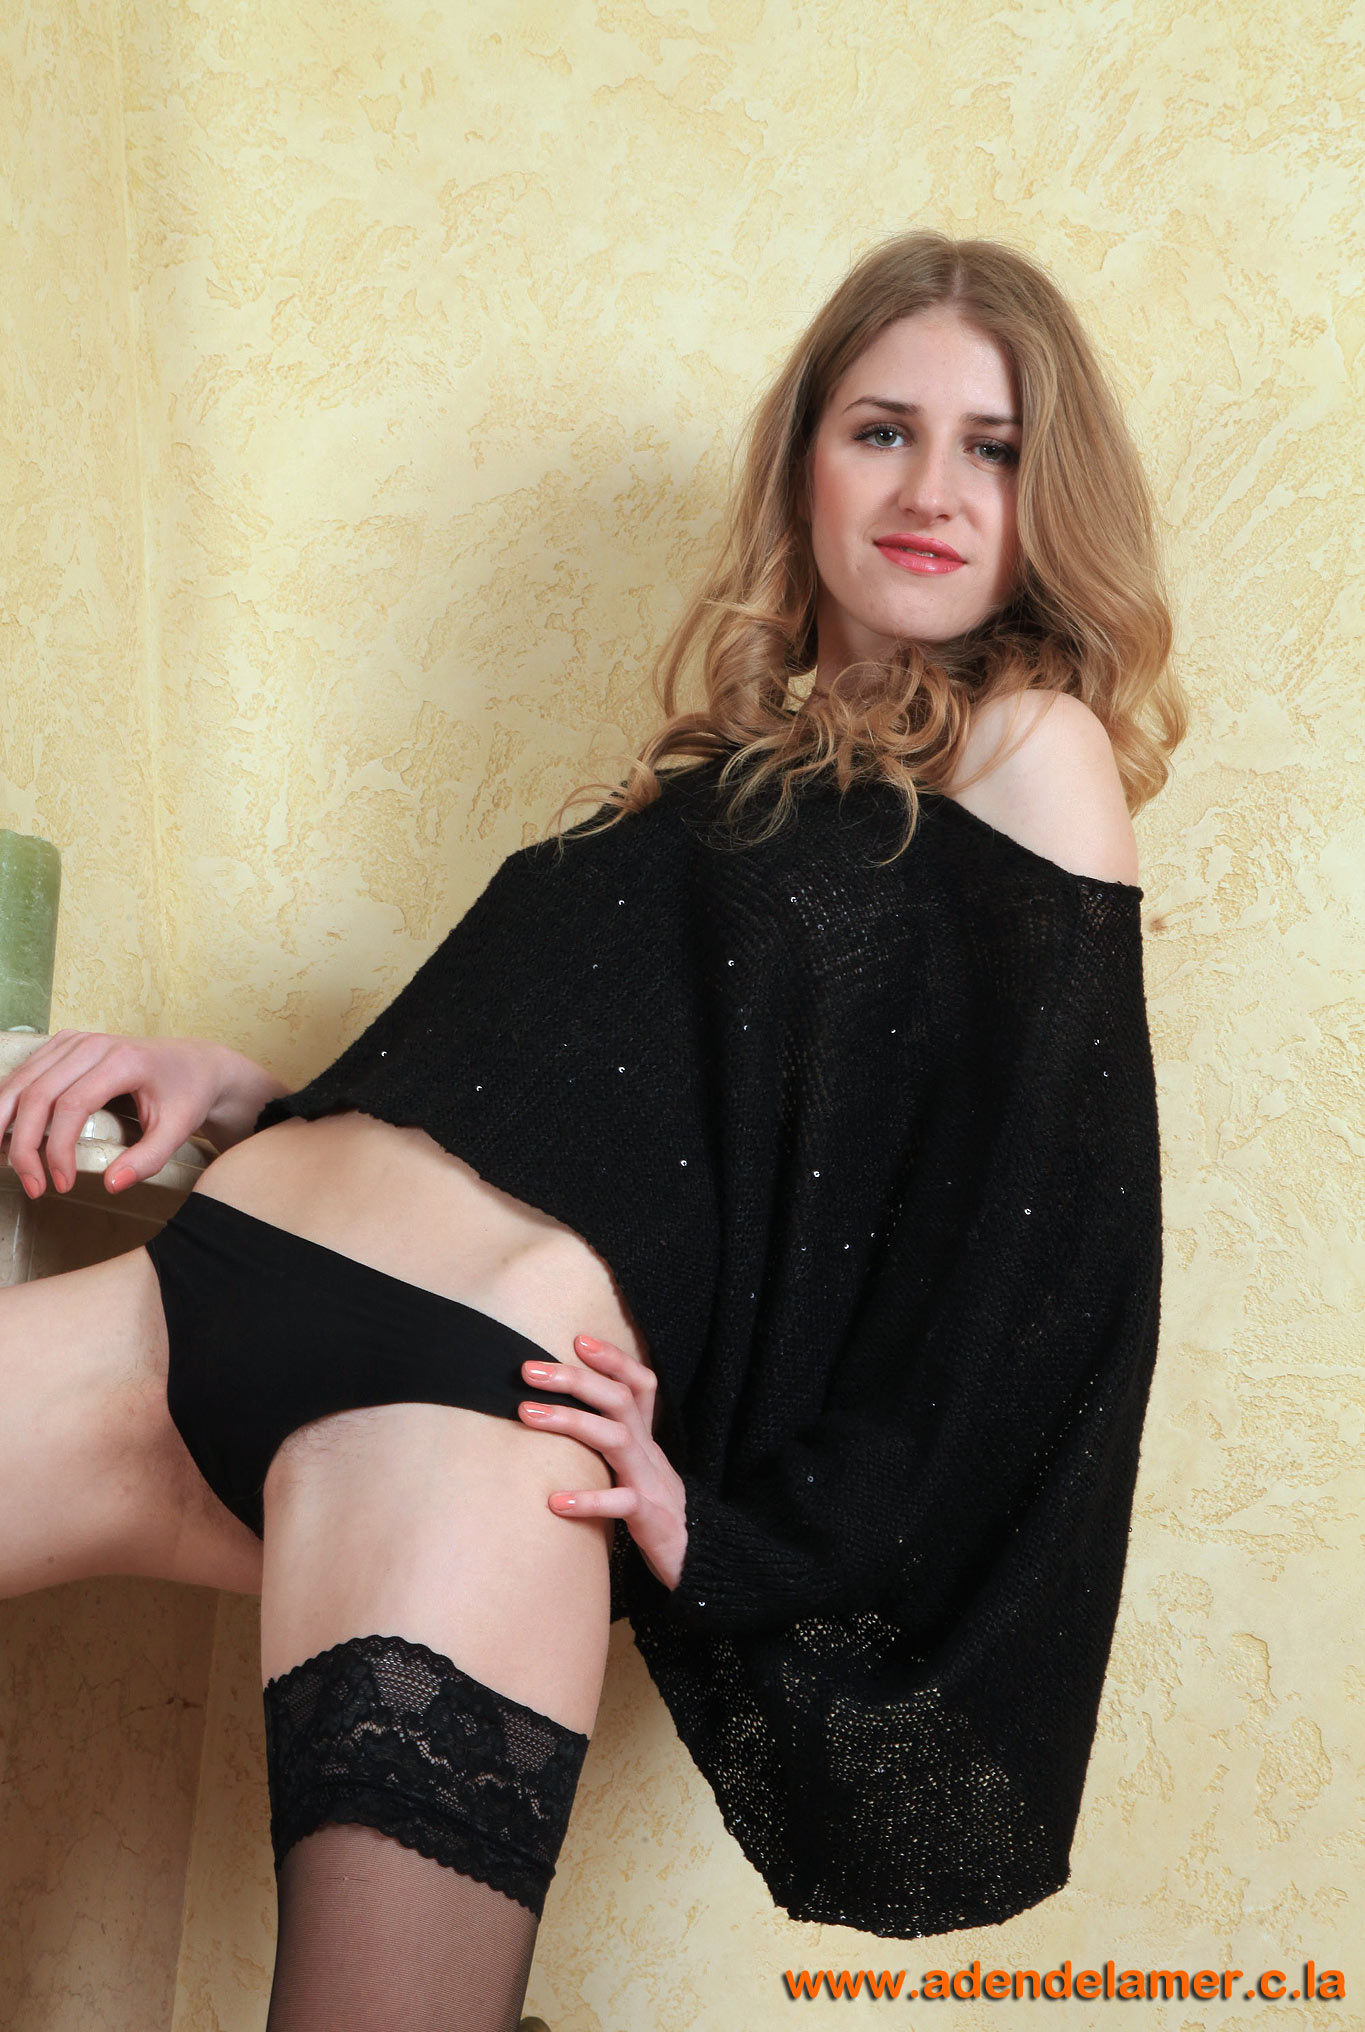 http://jemal.okuh.free.fr/Hairy/319/images/011.jpg